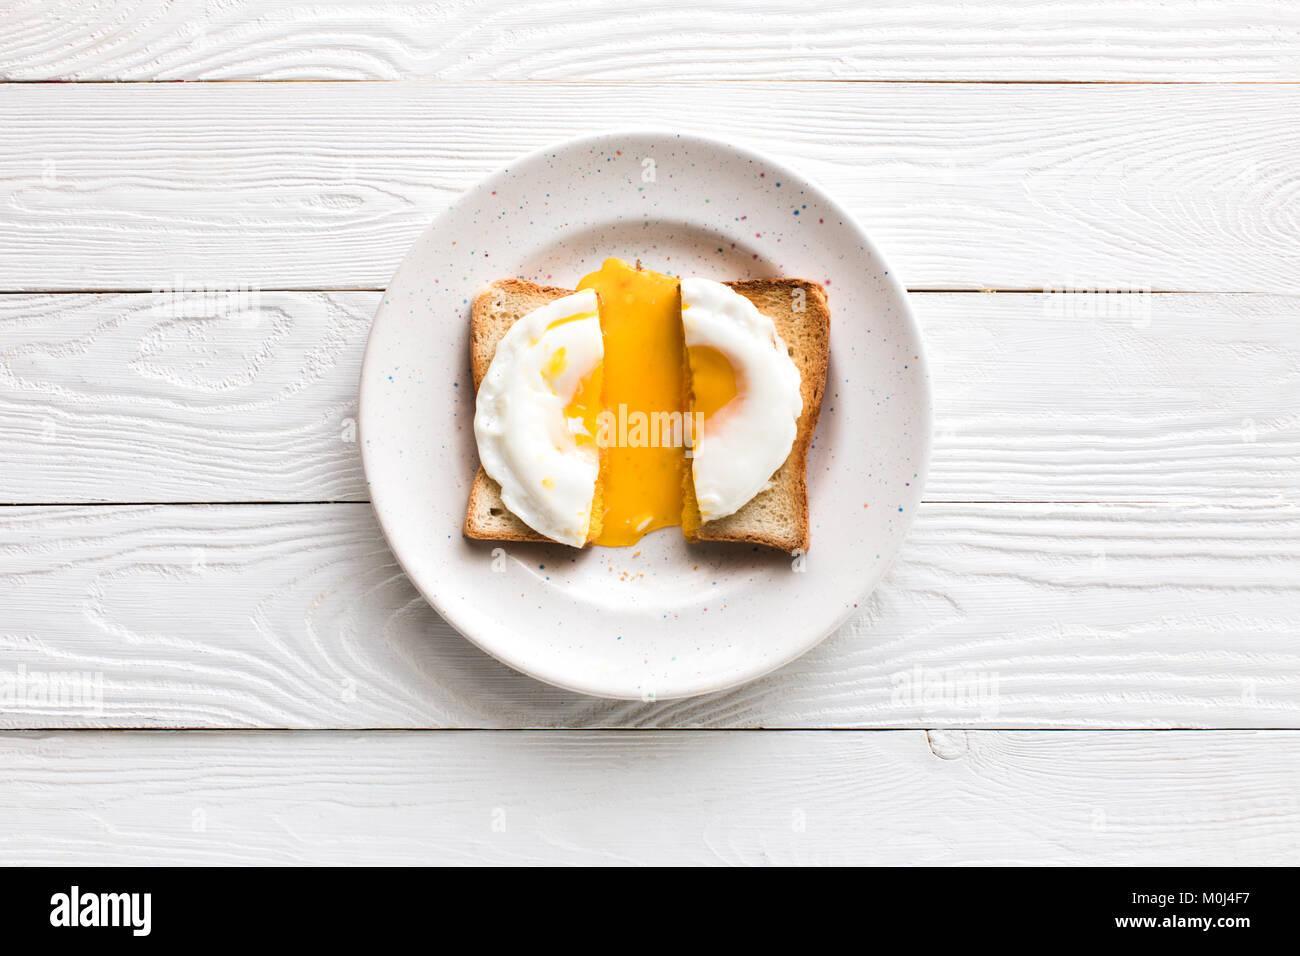 La prima colazione con uovo fritto su pane tostato Immagini Stock